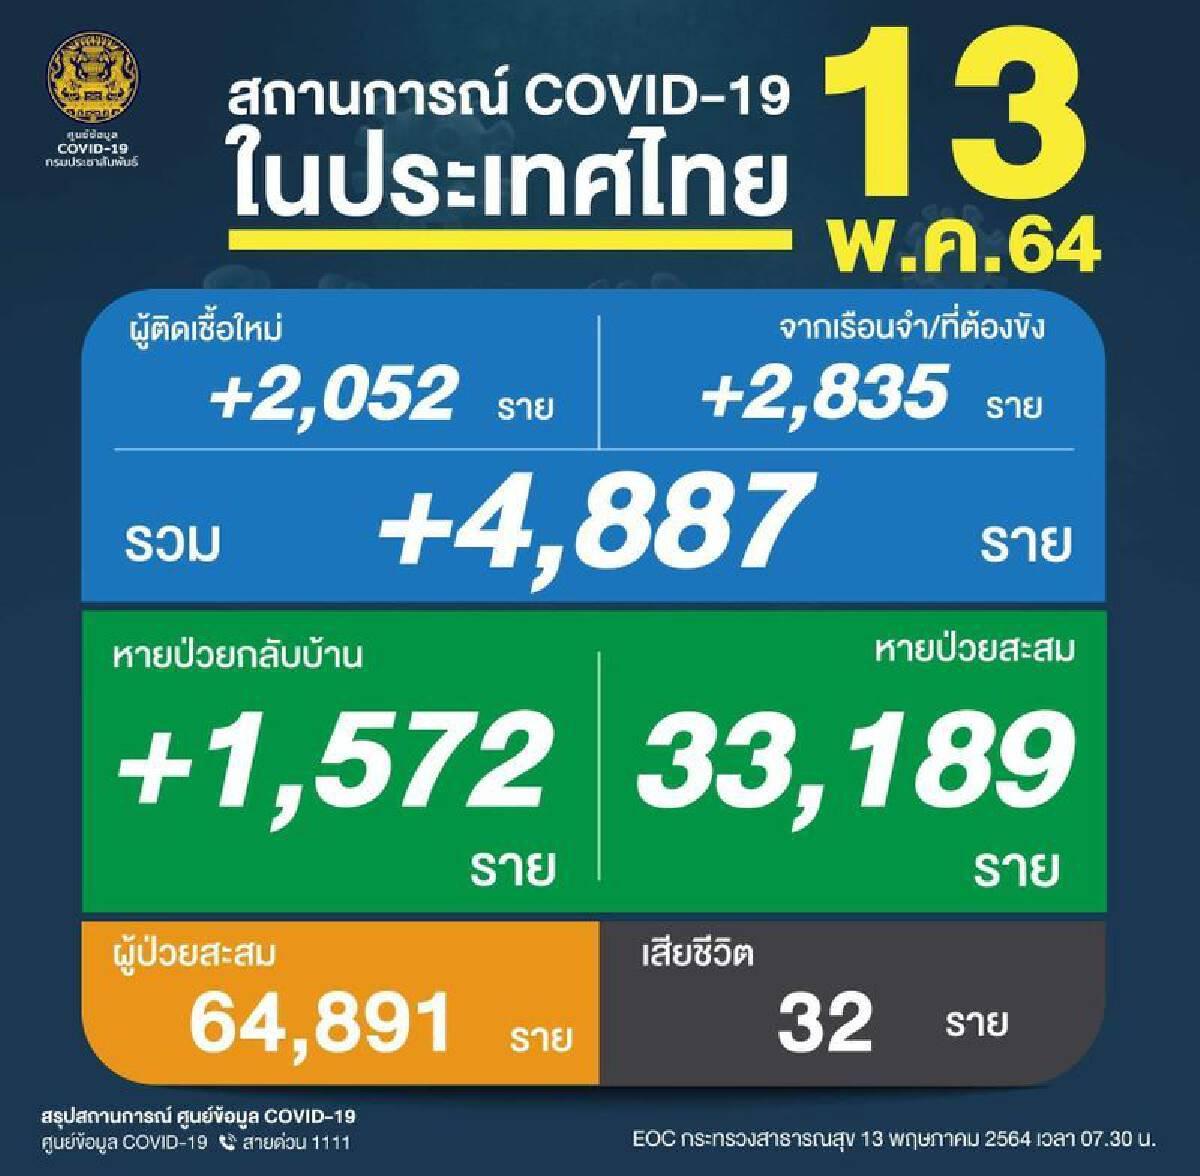 สถานการณ์โควิด-19 ในประเทศไทย